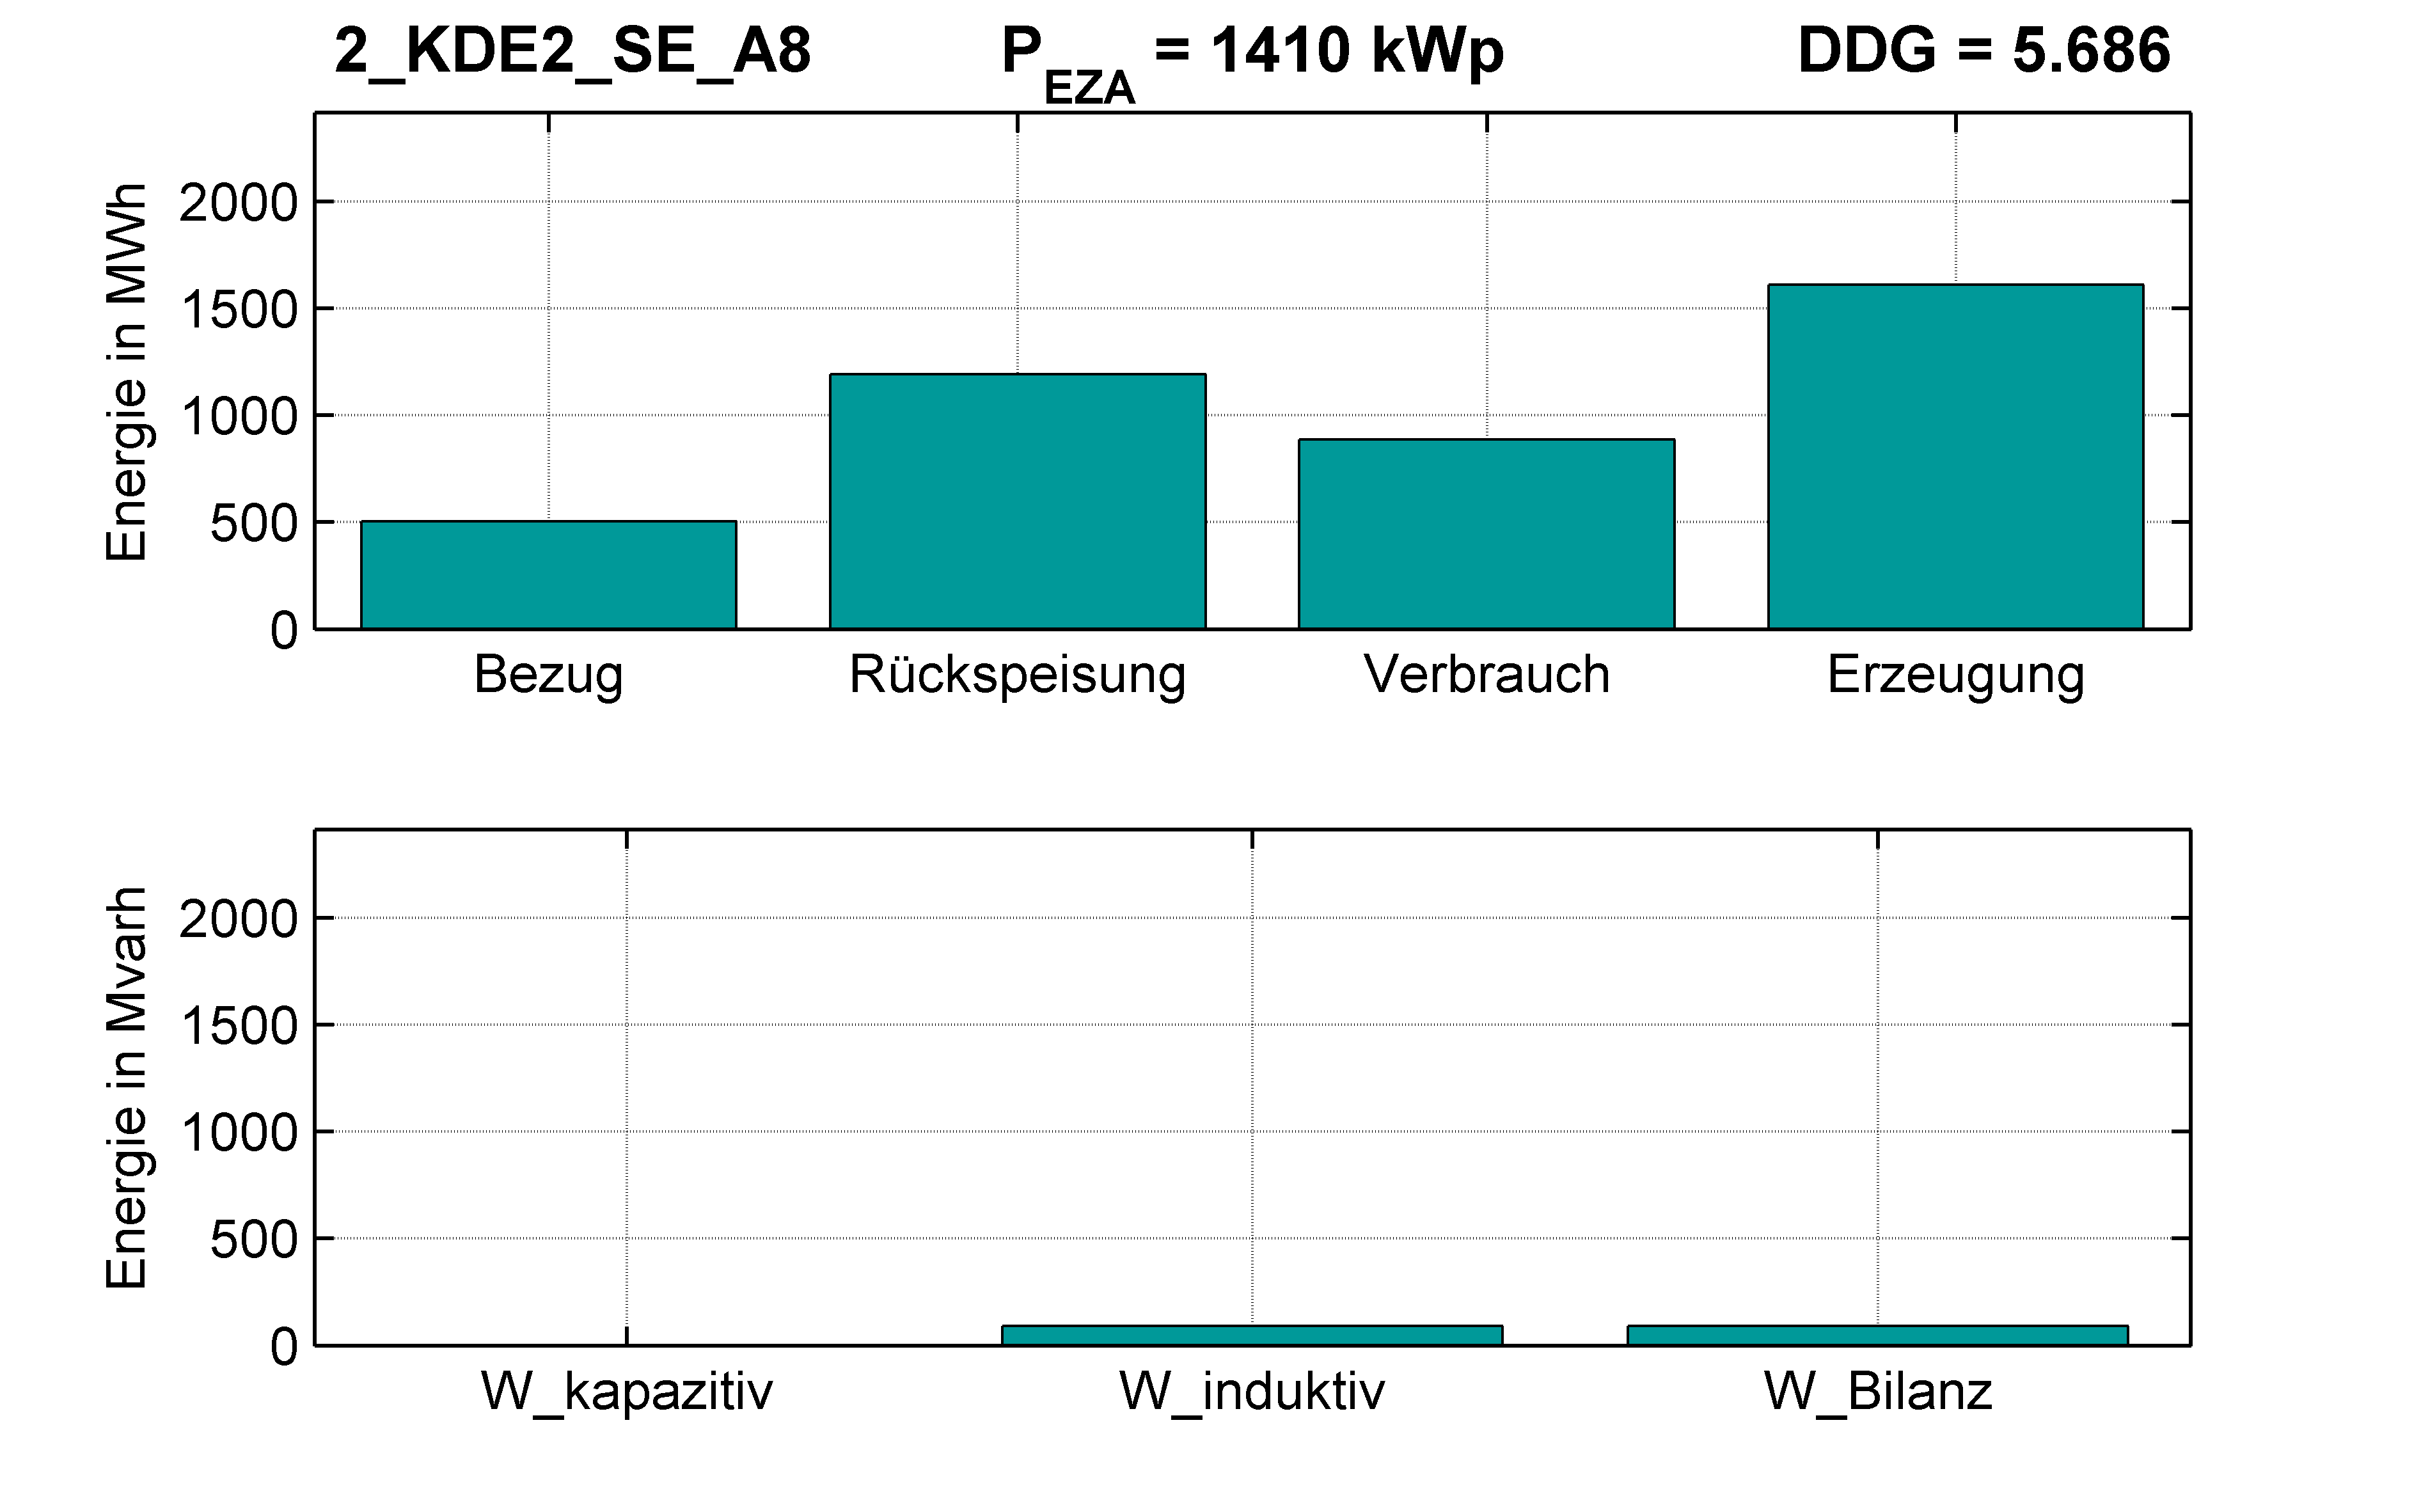 KDE2 | P-Kappung 85% (SE) A8 | PQ-Bilanz